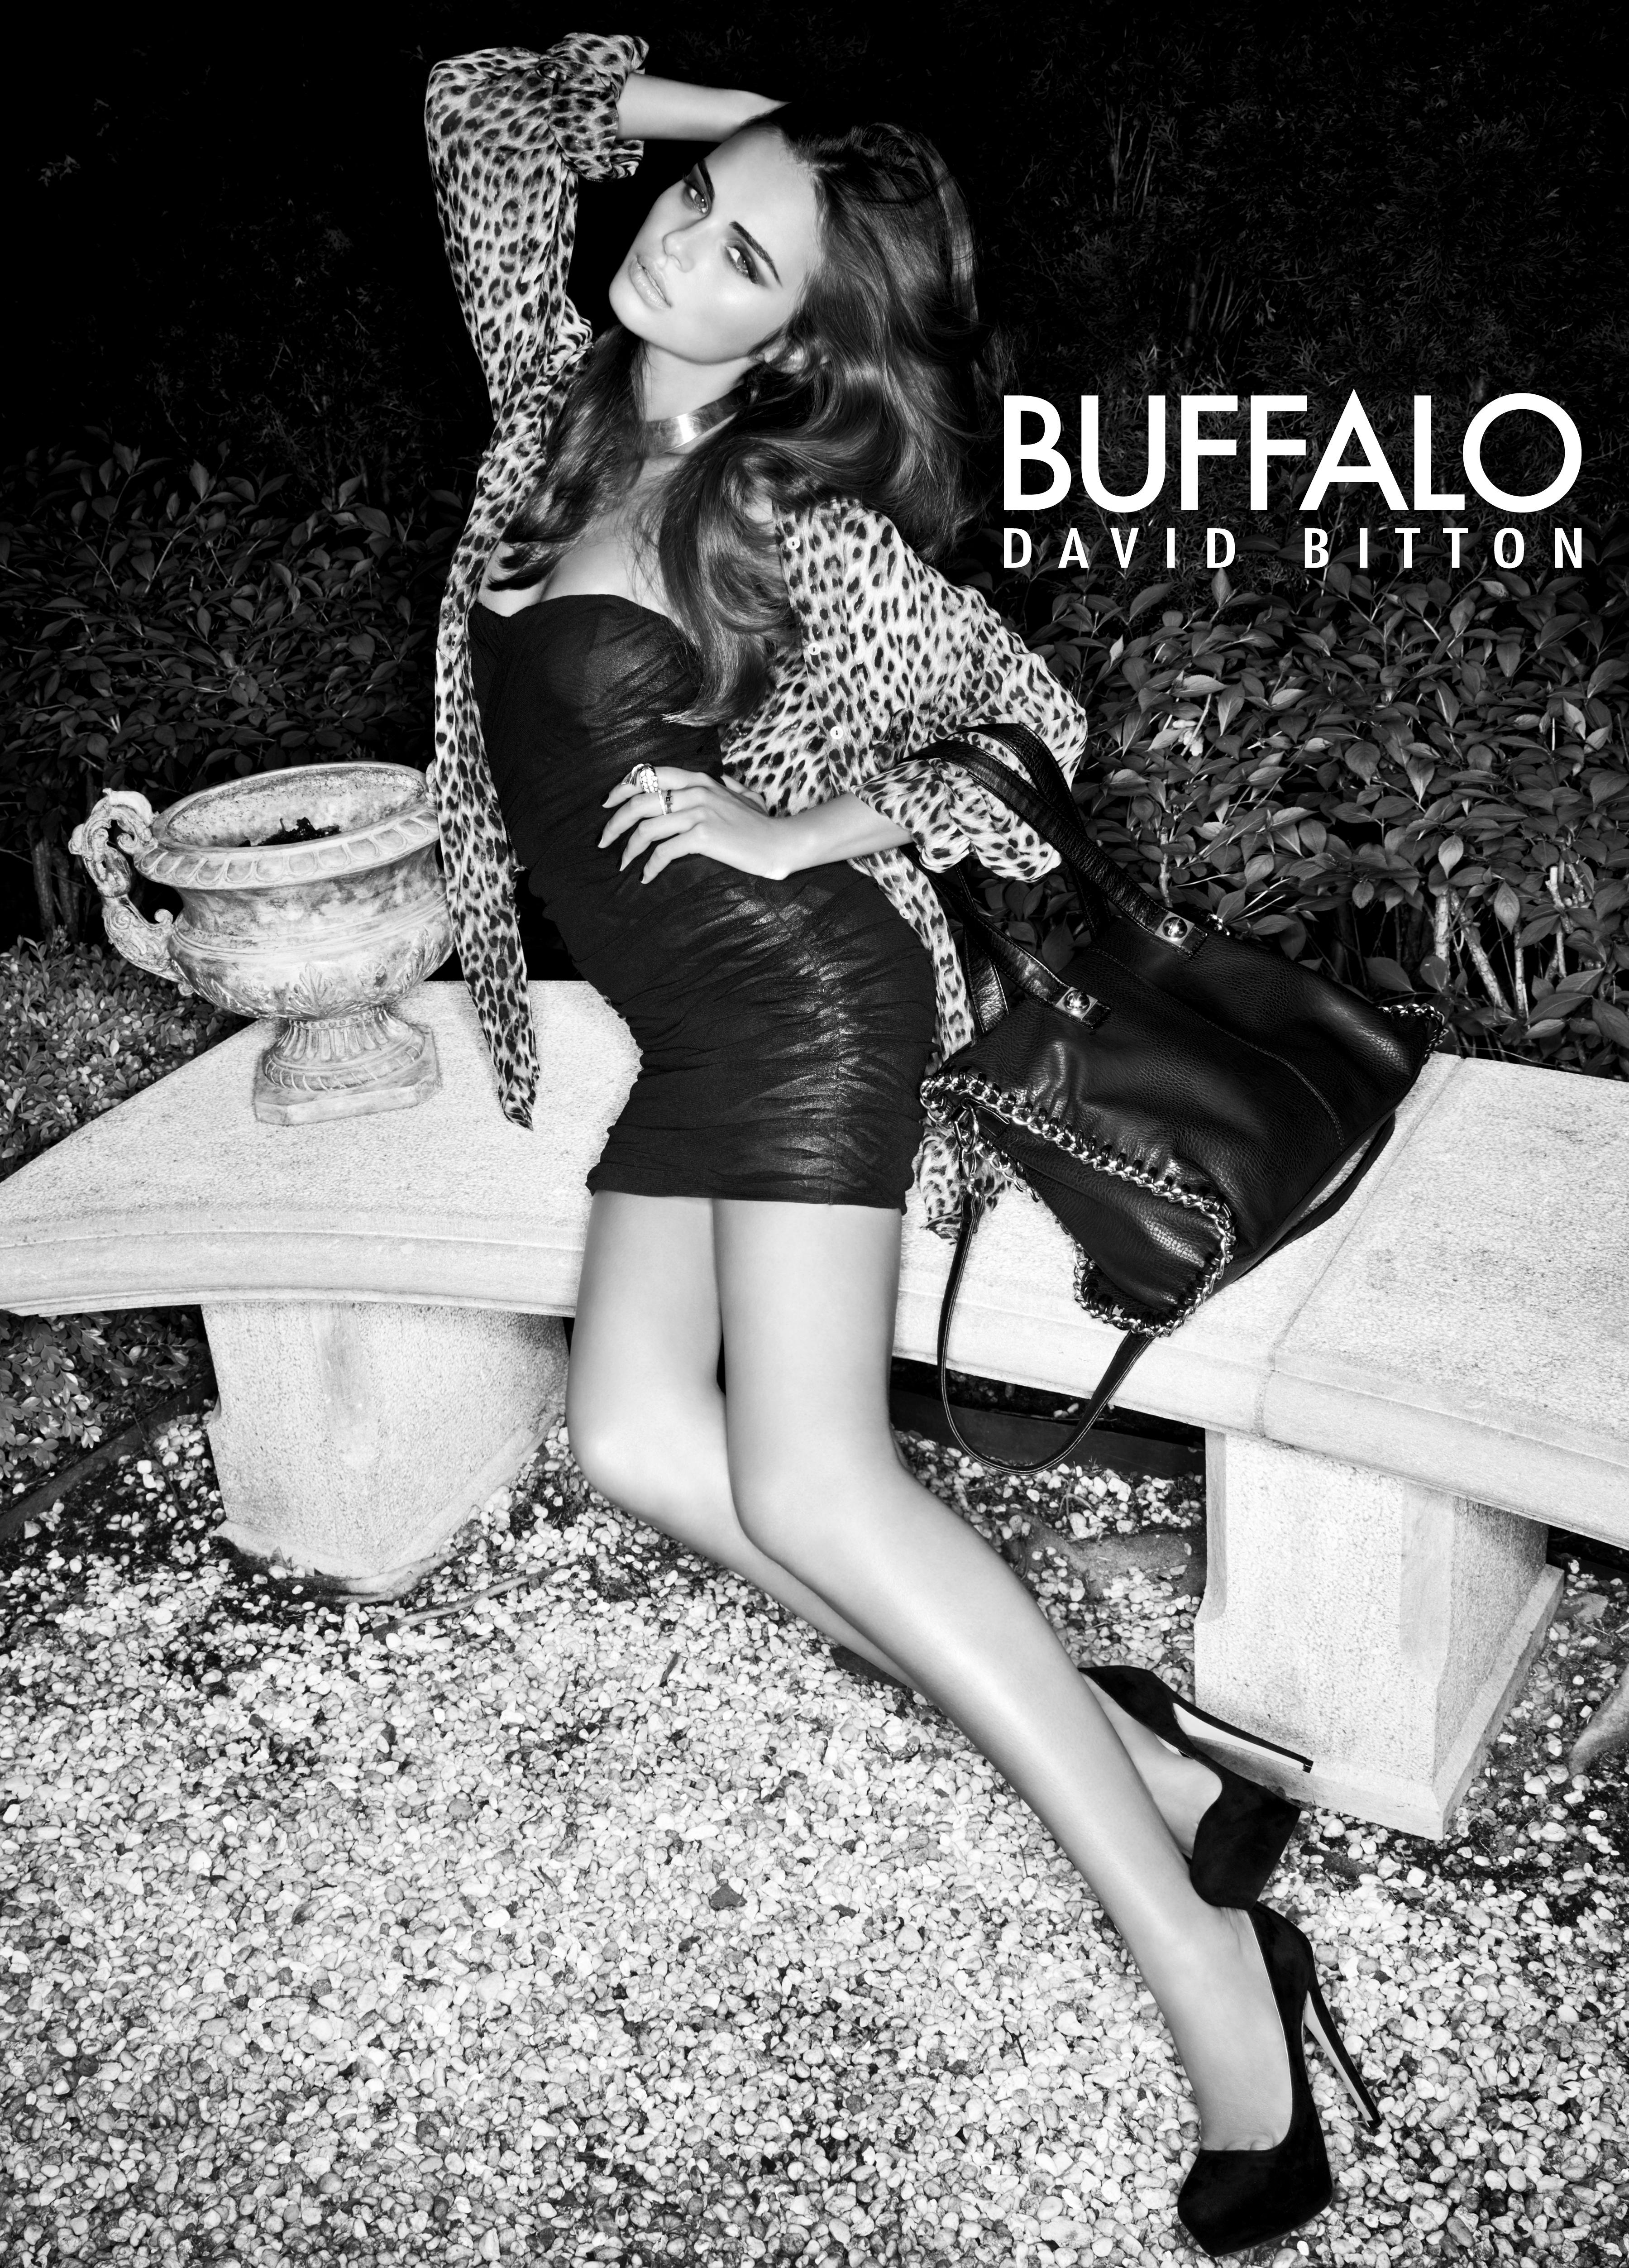 Buffalo dating show